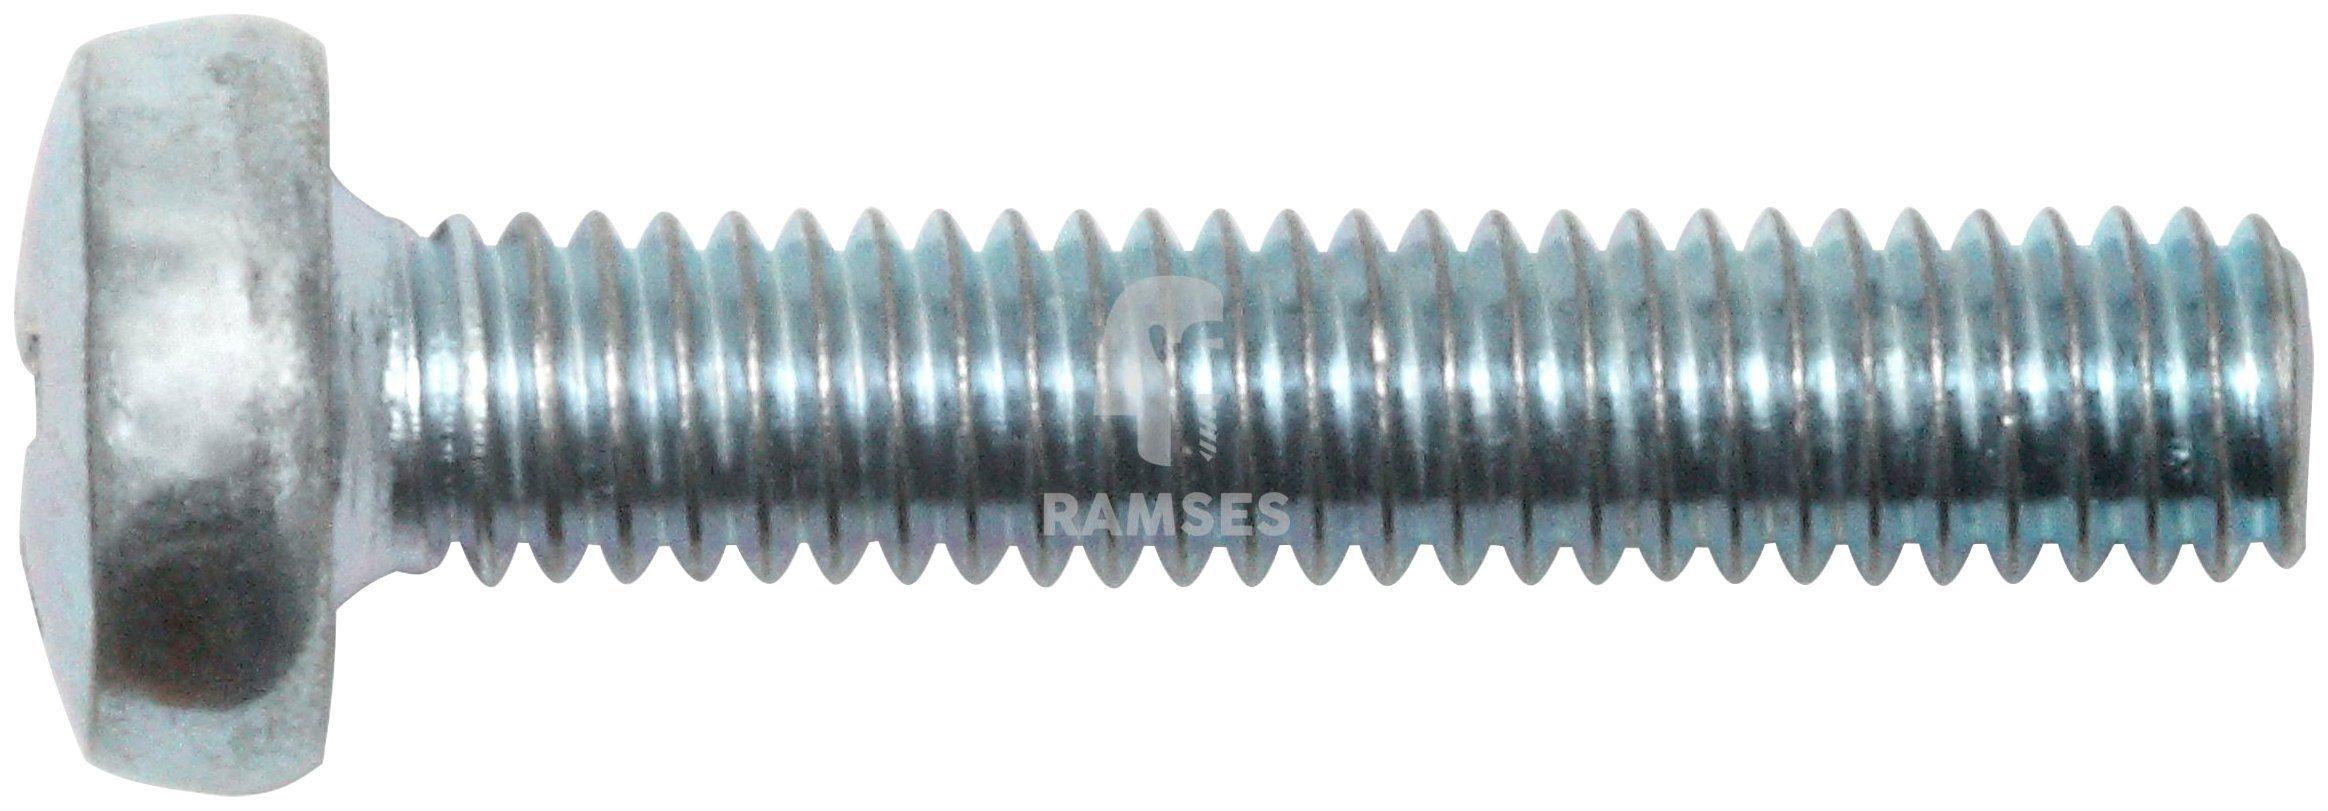 RAMSES Schrauben , Linsenschraube DIN 7985 M5 x 50 PH2 100 Stk.